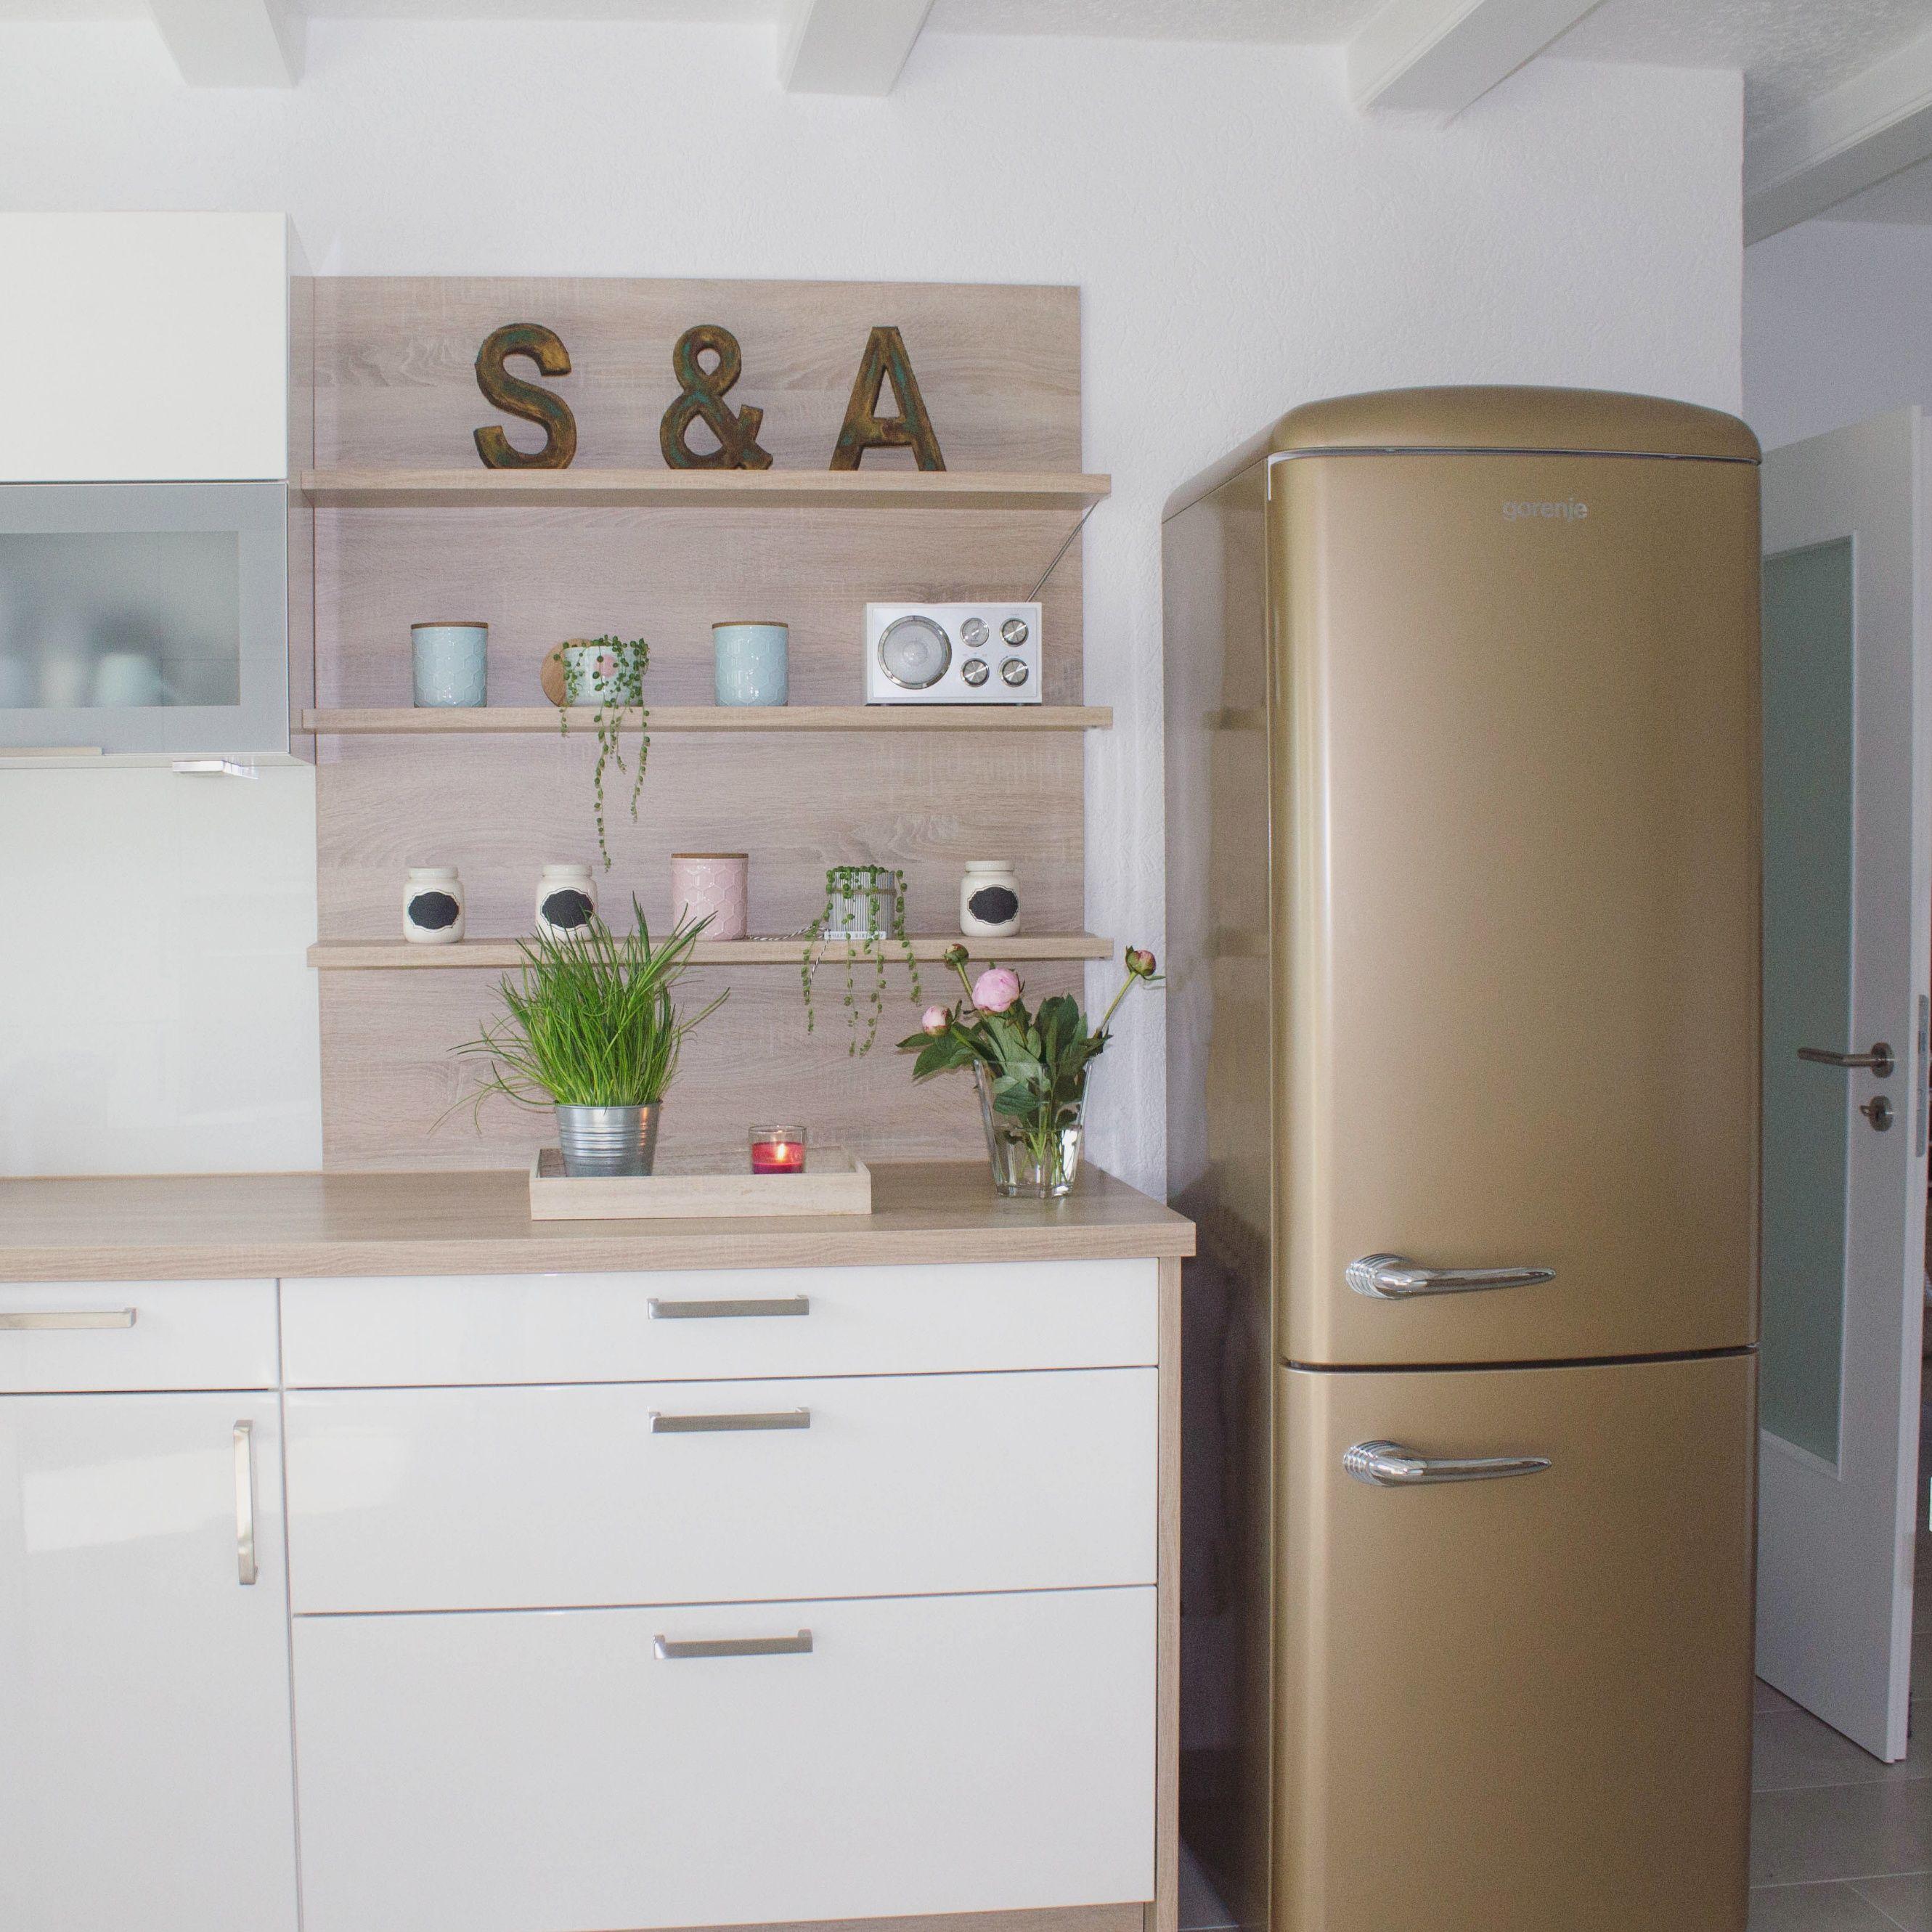 Küche Kitchen Kitchendetails Küchendetails Kochen Wohnen Living Dekorieren  Home Kühlschrank Gorenje Smeg Retro